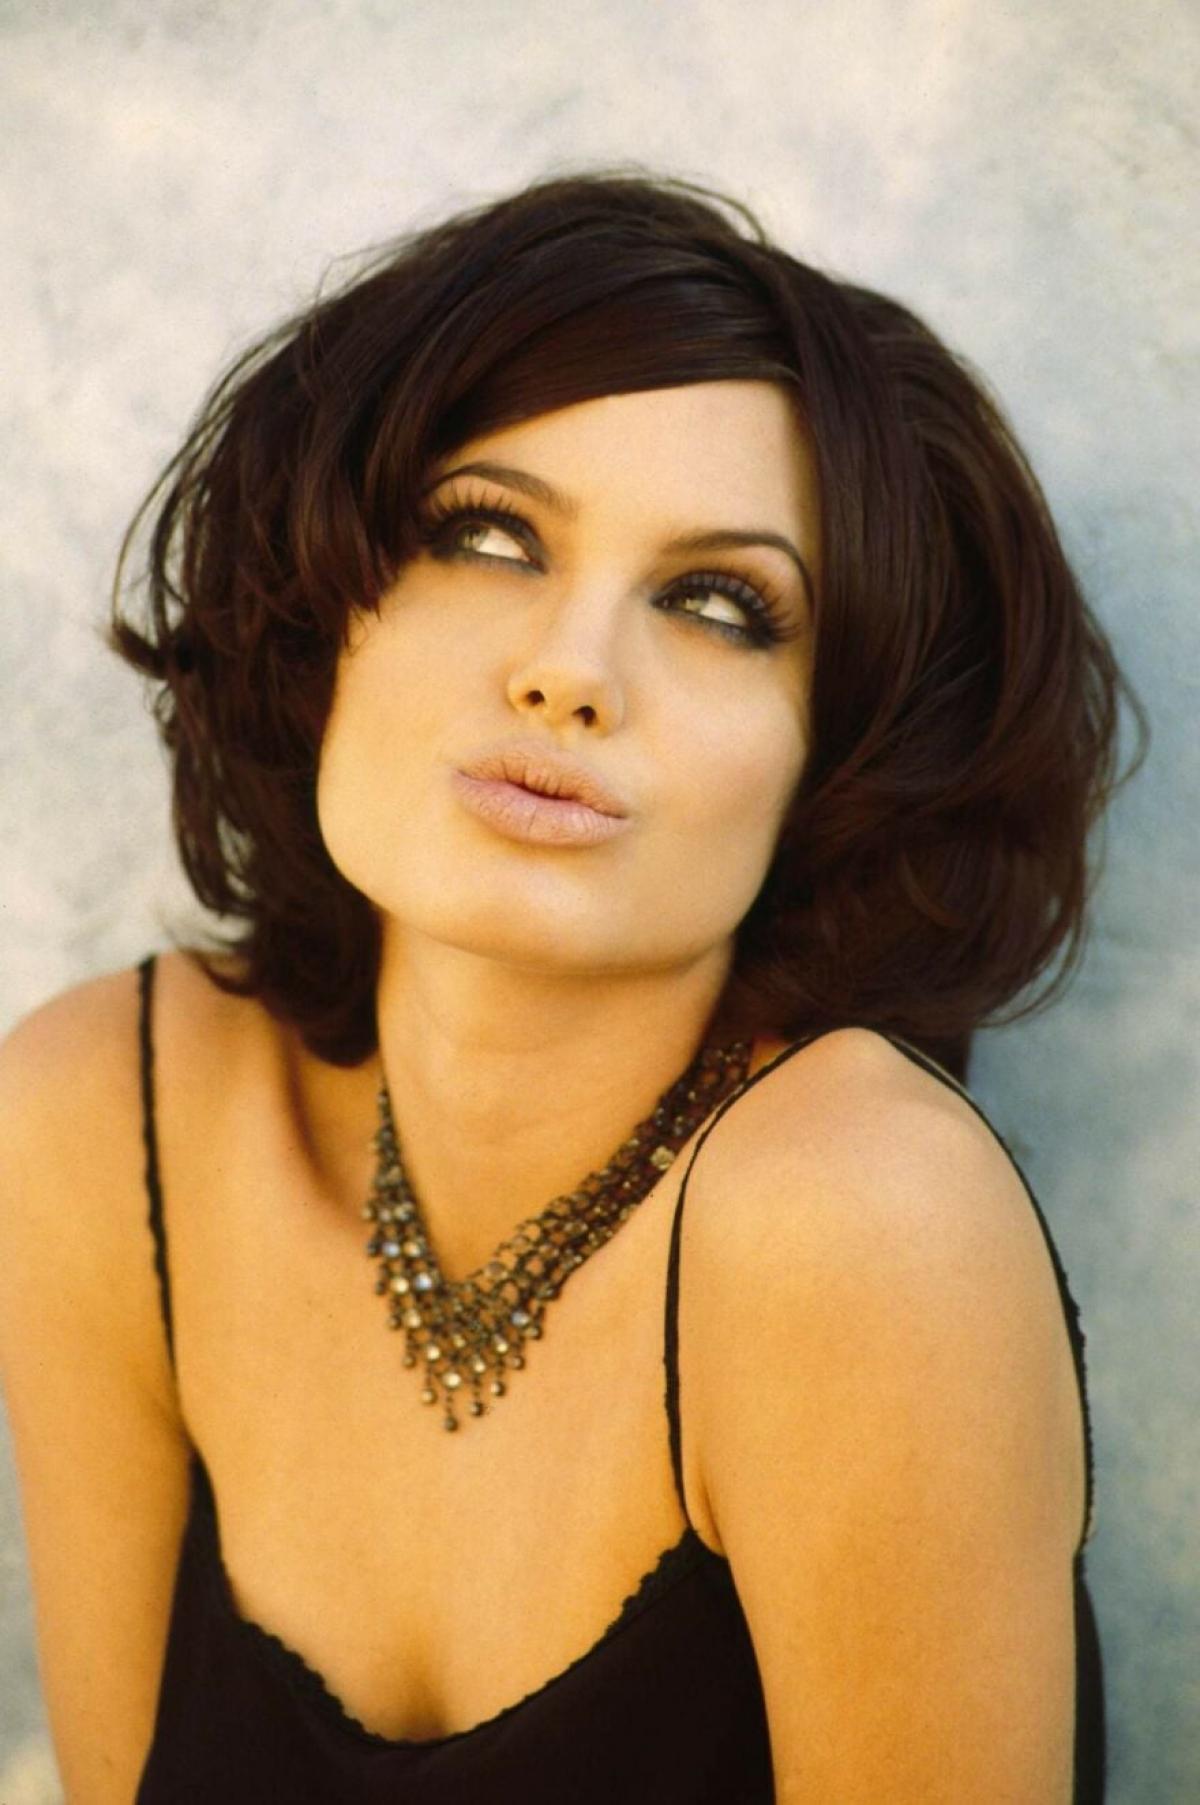 Năm 1995 đánh dấu bước ngoặt lớn trong sự nghiệp của Angelina Jolie khi cô có được vai chính trong bộ phim tội phạm Hackers của Iain Softley.